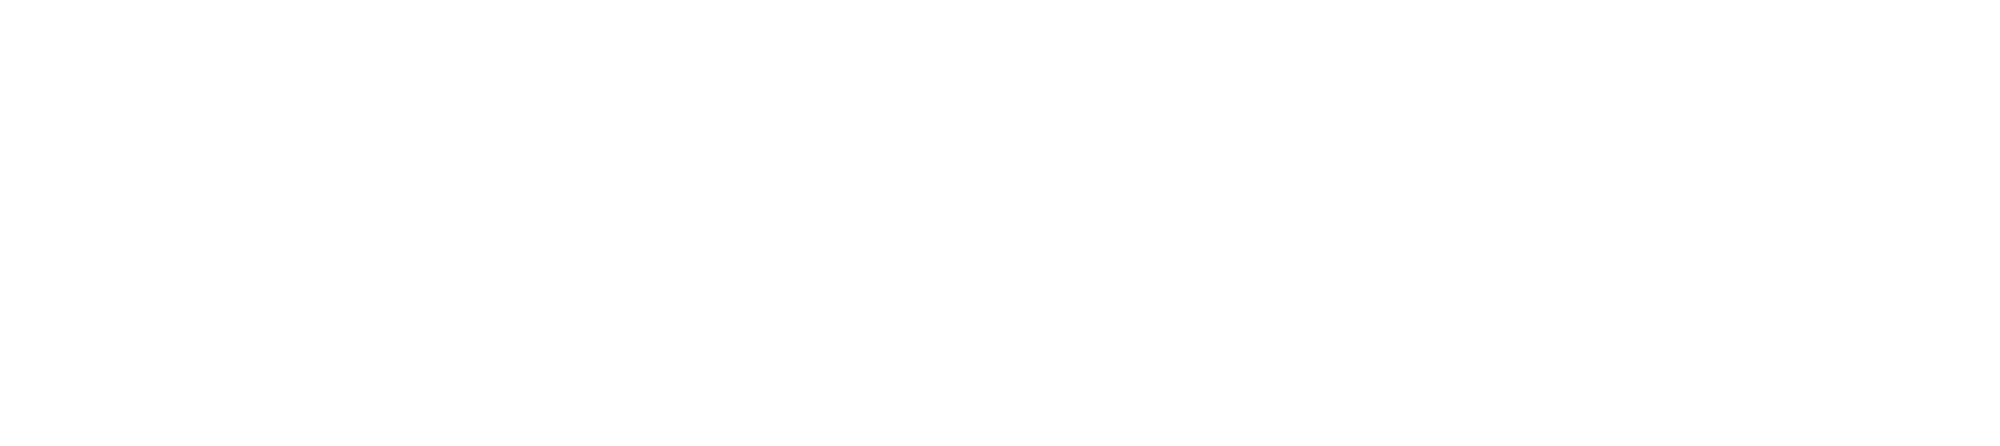 Il tempo impresso